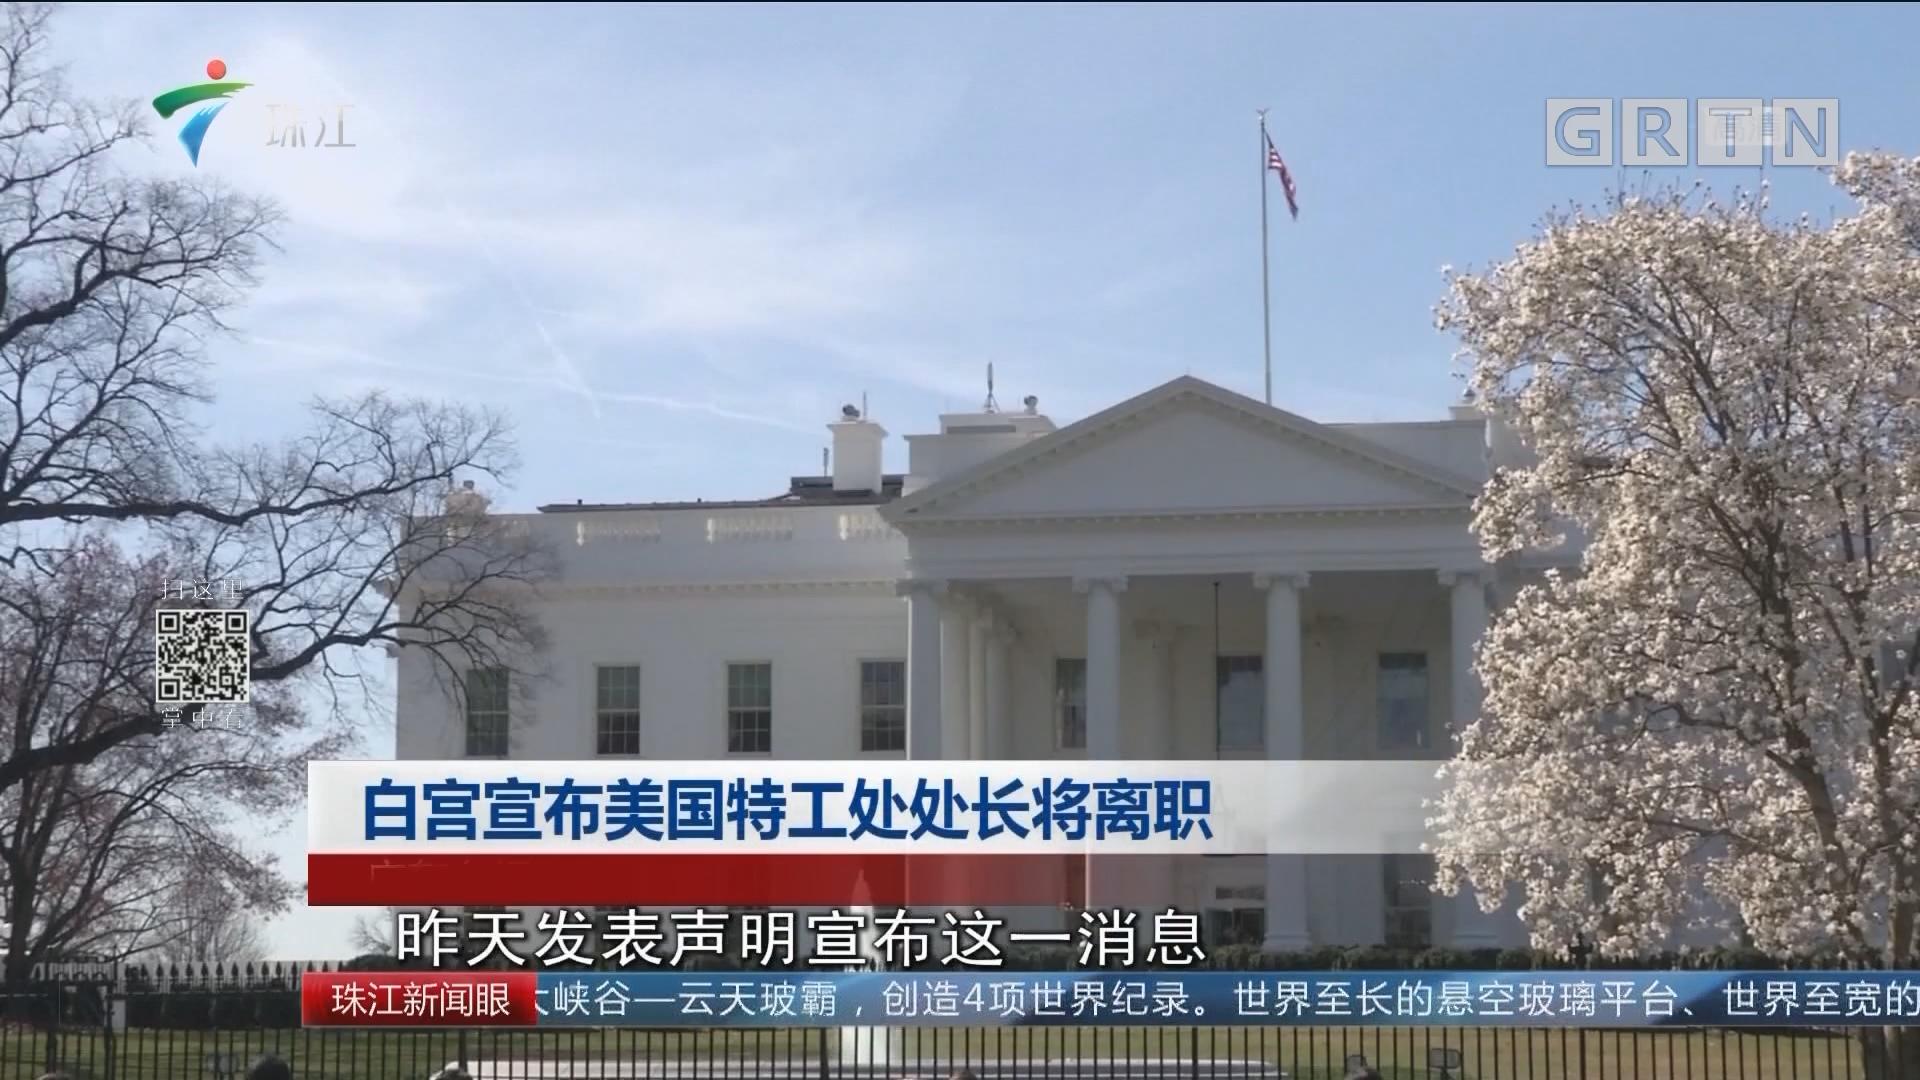 白宫宣布美国特工处处长将离职